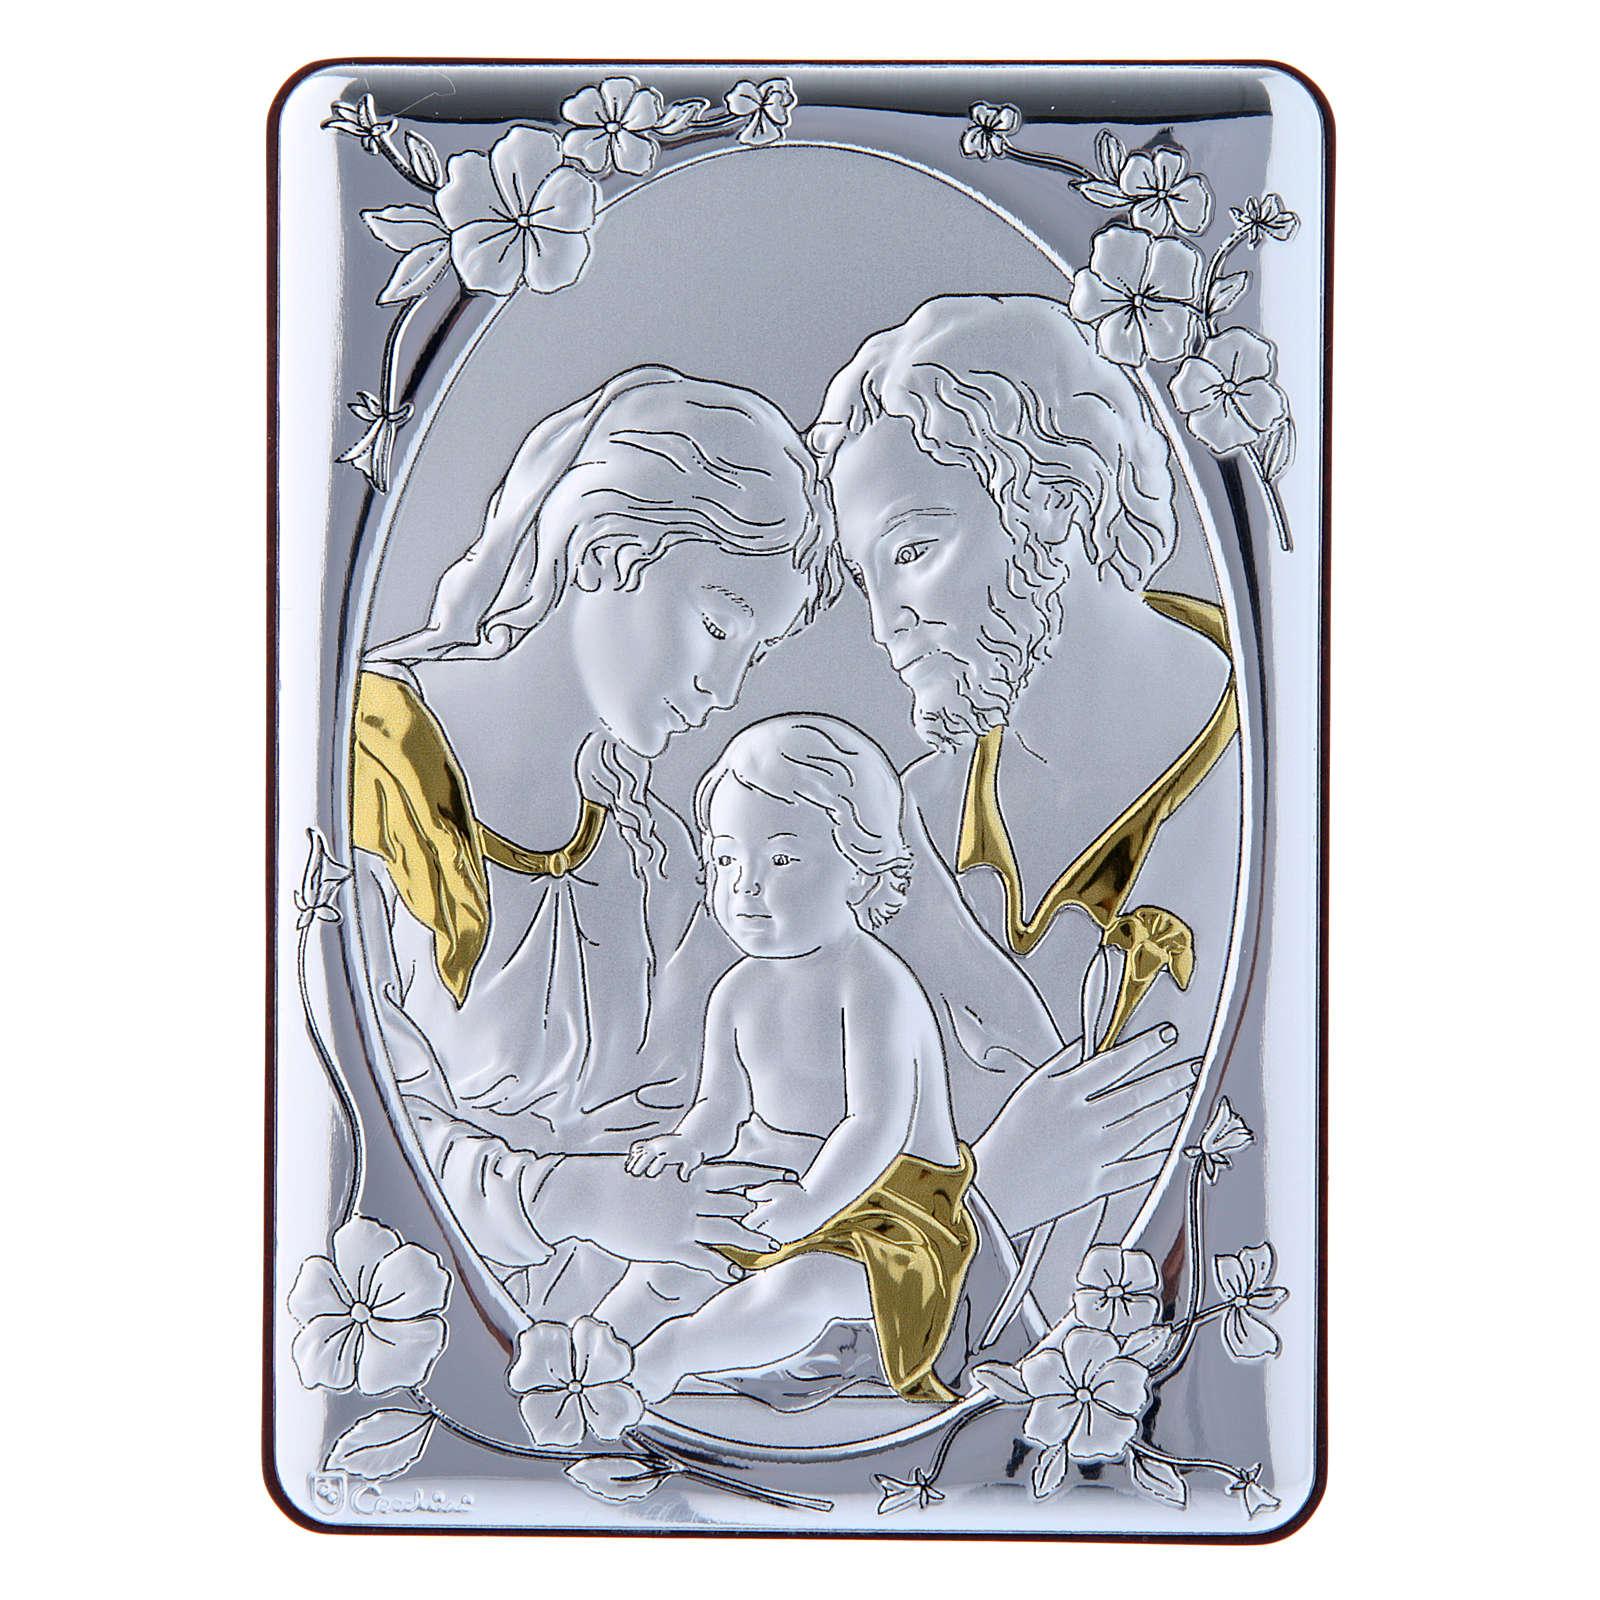 Quadro em bilaminado detalhes ouro Sagrada Família reverso madeira maciça 14x10 cm 4